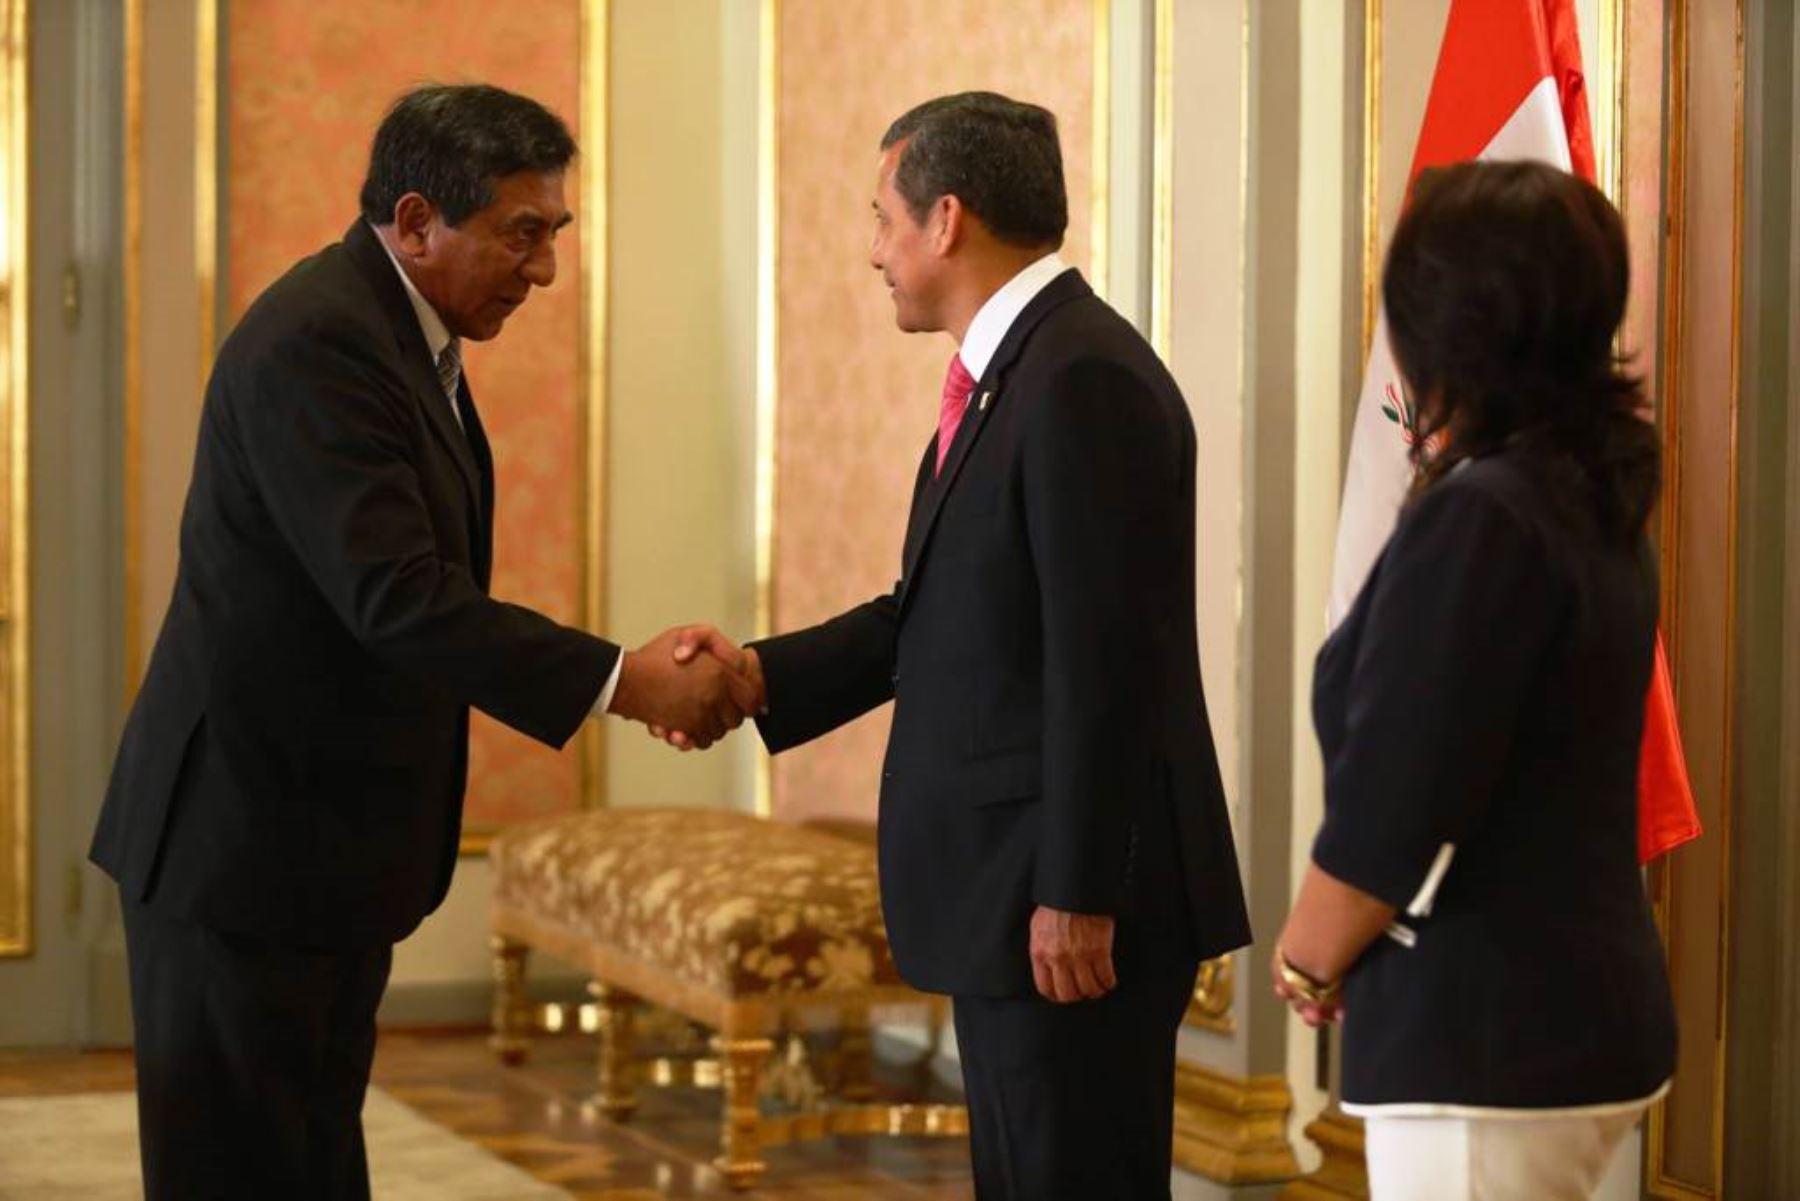 Reunión en Palacio de Gobierno entre el jefe del Estado Ollanta Humala y el presidente del Gobierno Regional de Madre de Dios, Luis Otsuka Salazar. Foto: ANDINA/Difusión.